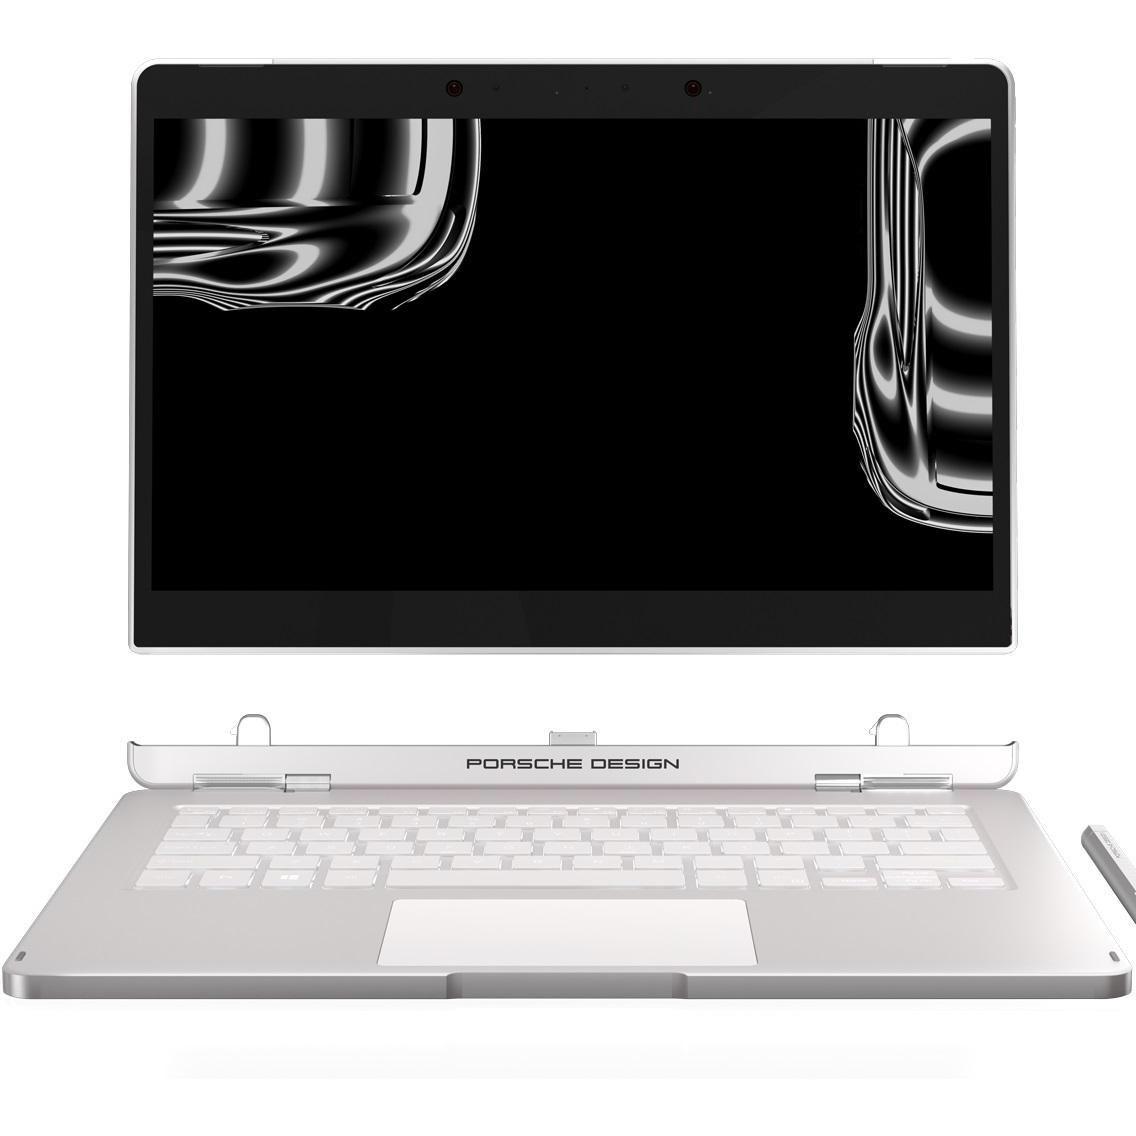 تصویر لپ تاپ 13.3 اینچی پورش دیزاین مدل BOOK ONE